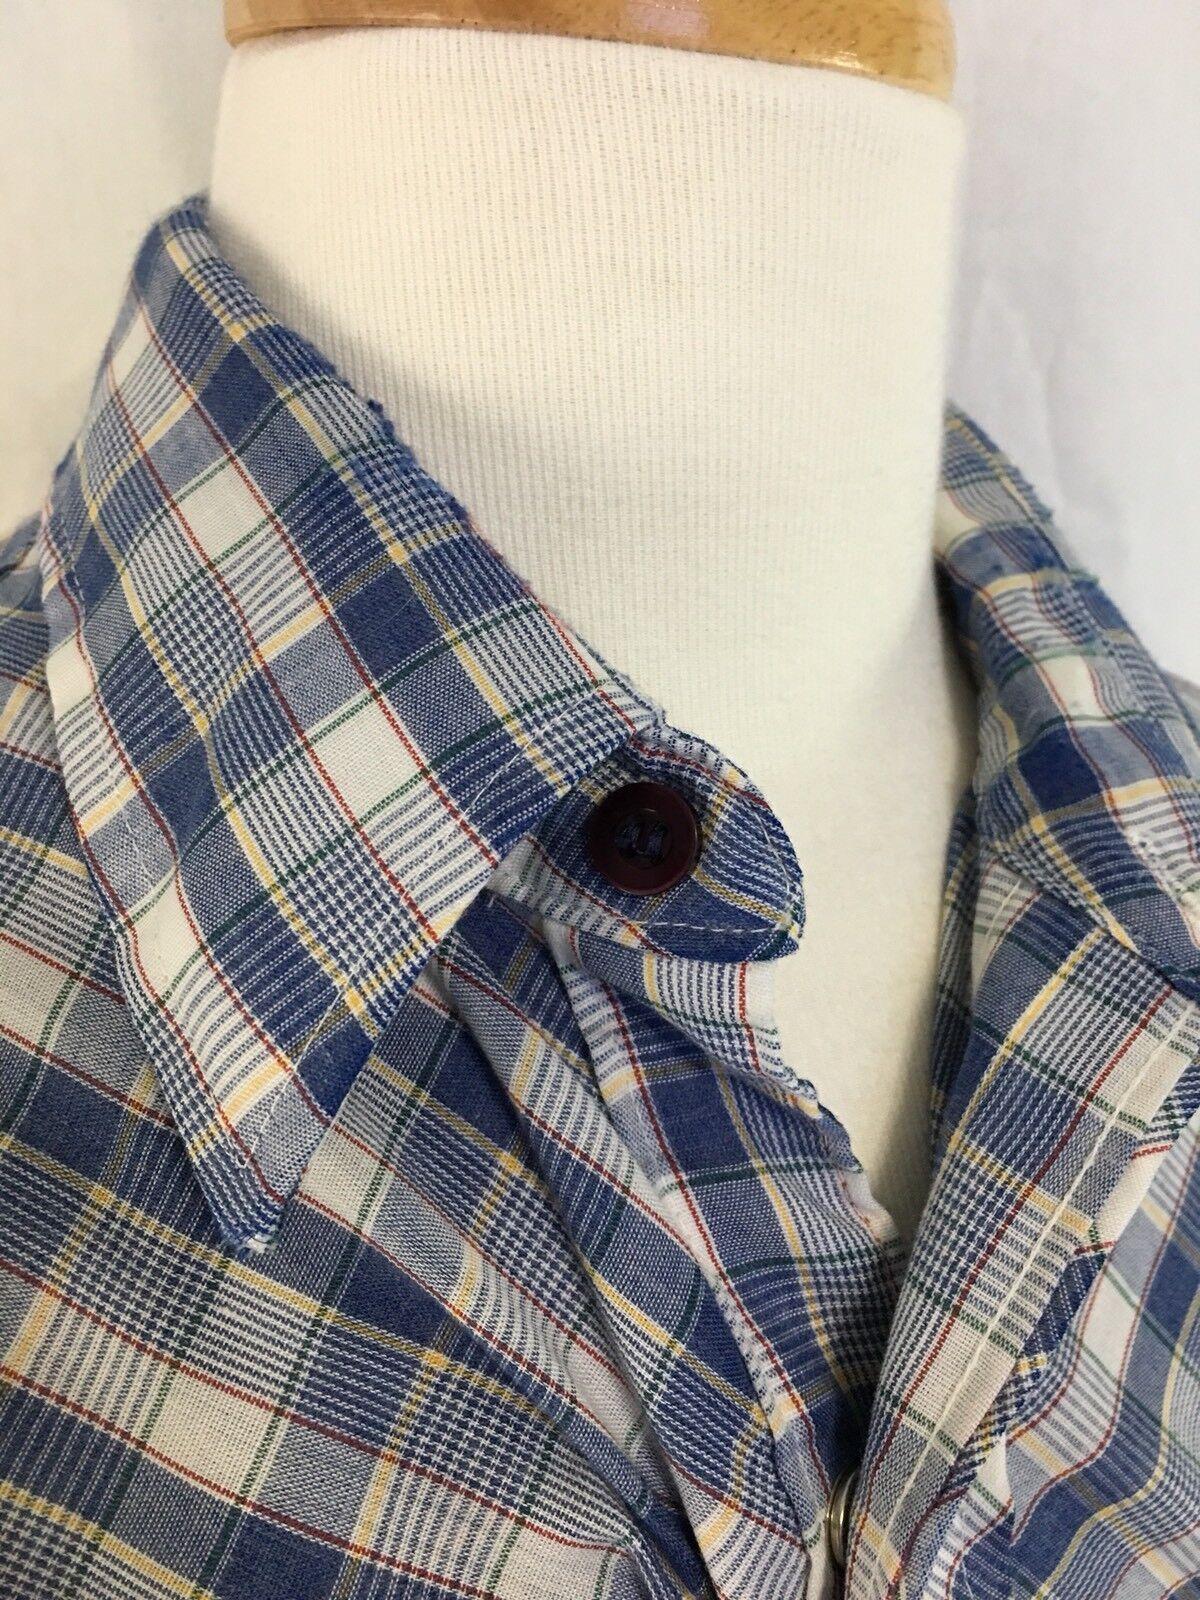 Miller Miller Miller Pearl Snap Shirt Vintage Siz… - image 5